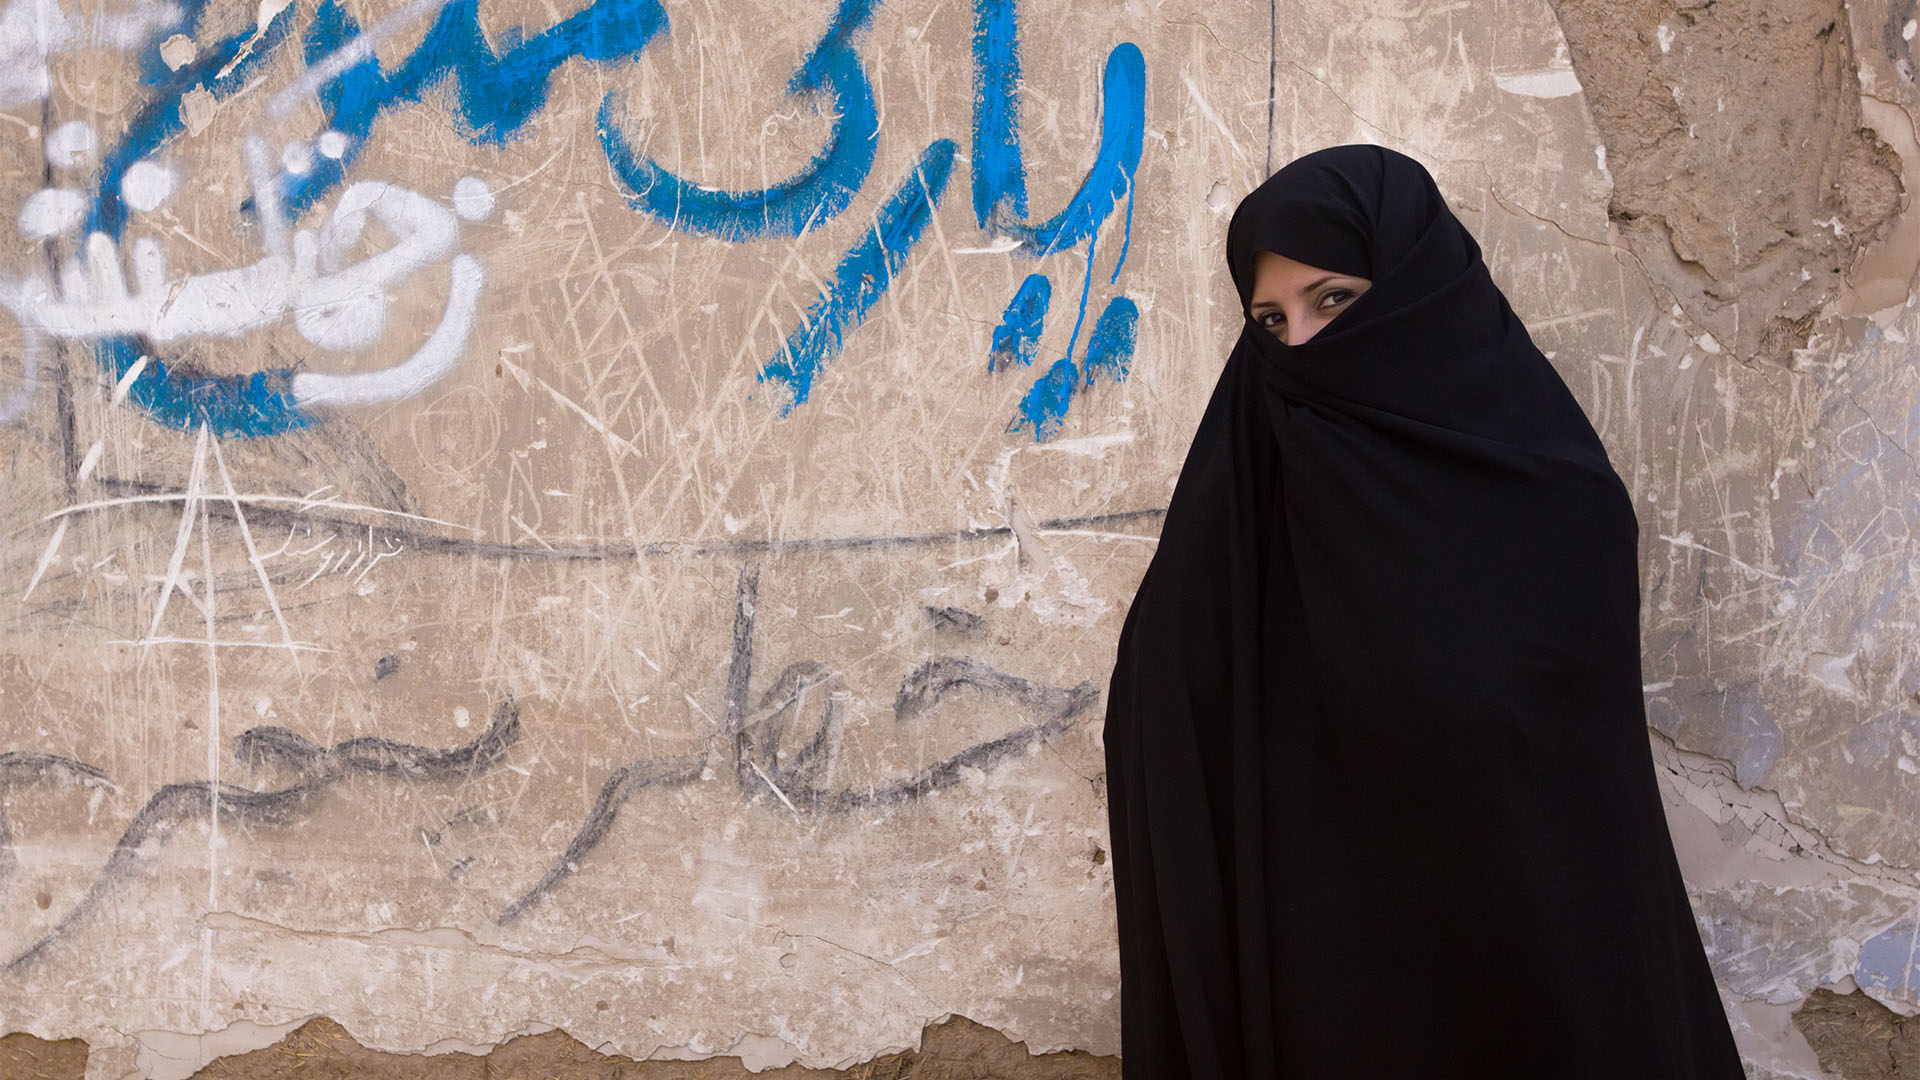 Szándékosan gázoltak el két nőt Iránban